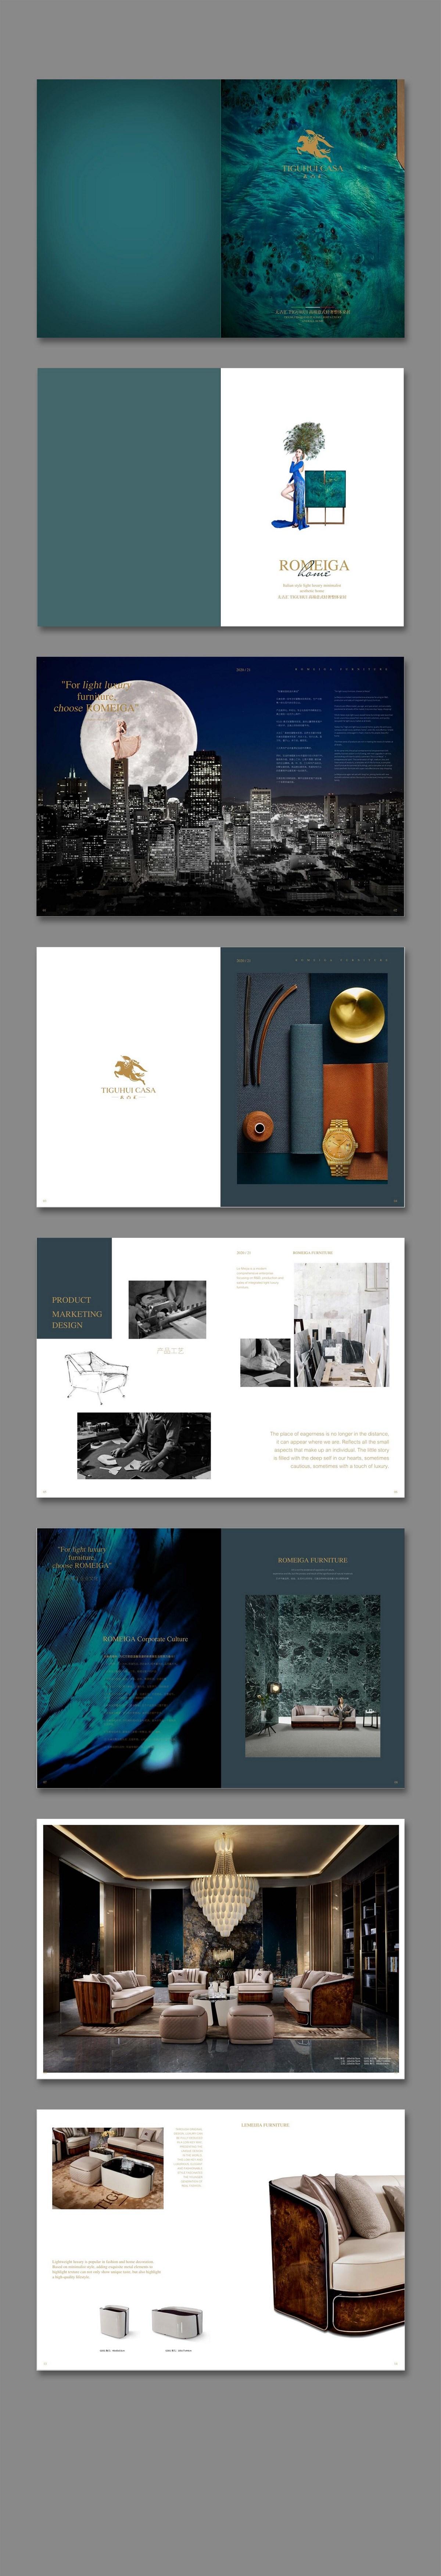 专业五金,家具,卫浴,门窗,等不同类型画册设计